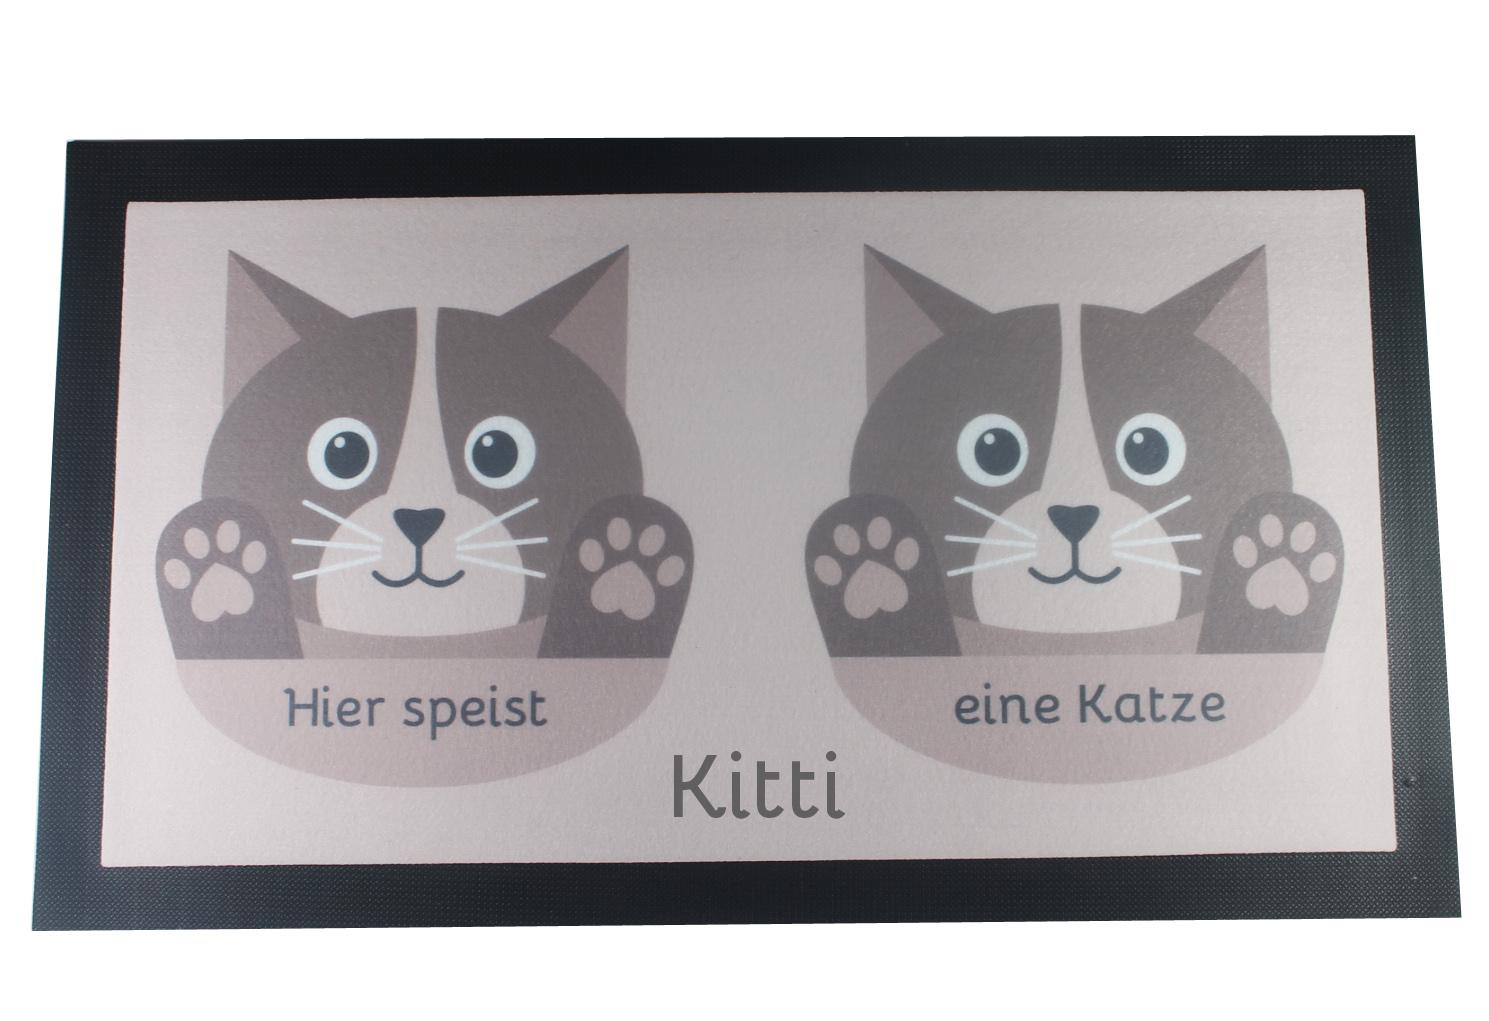 Napfunterlage Katze mit Name braun